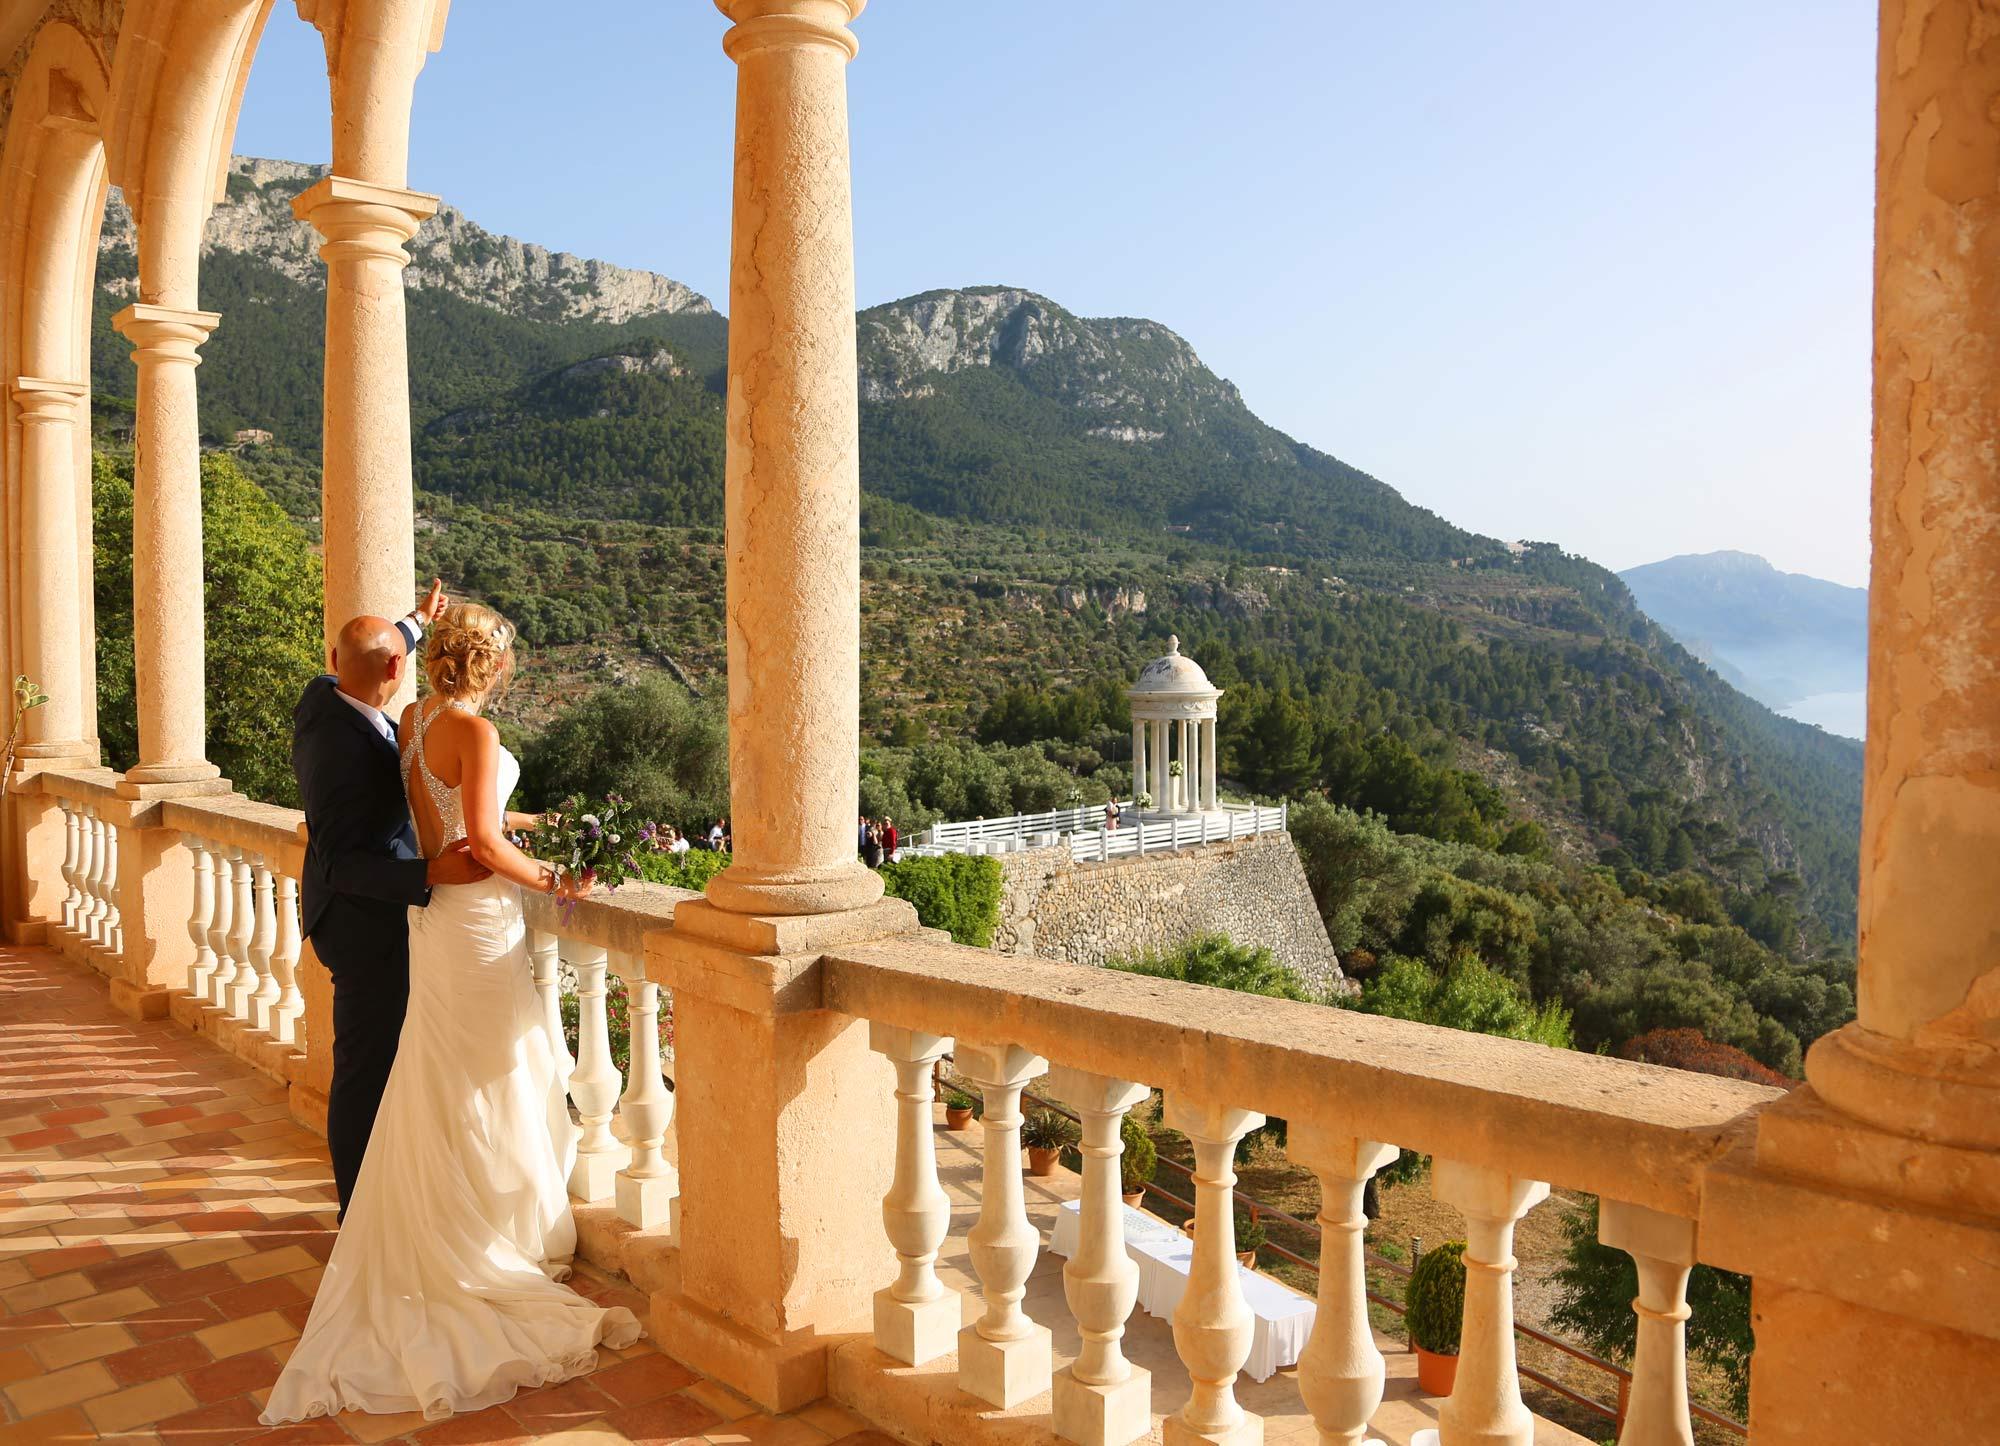 wedding couple on balcony